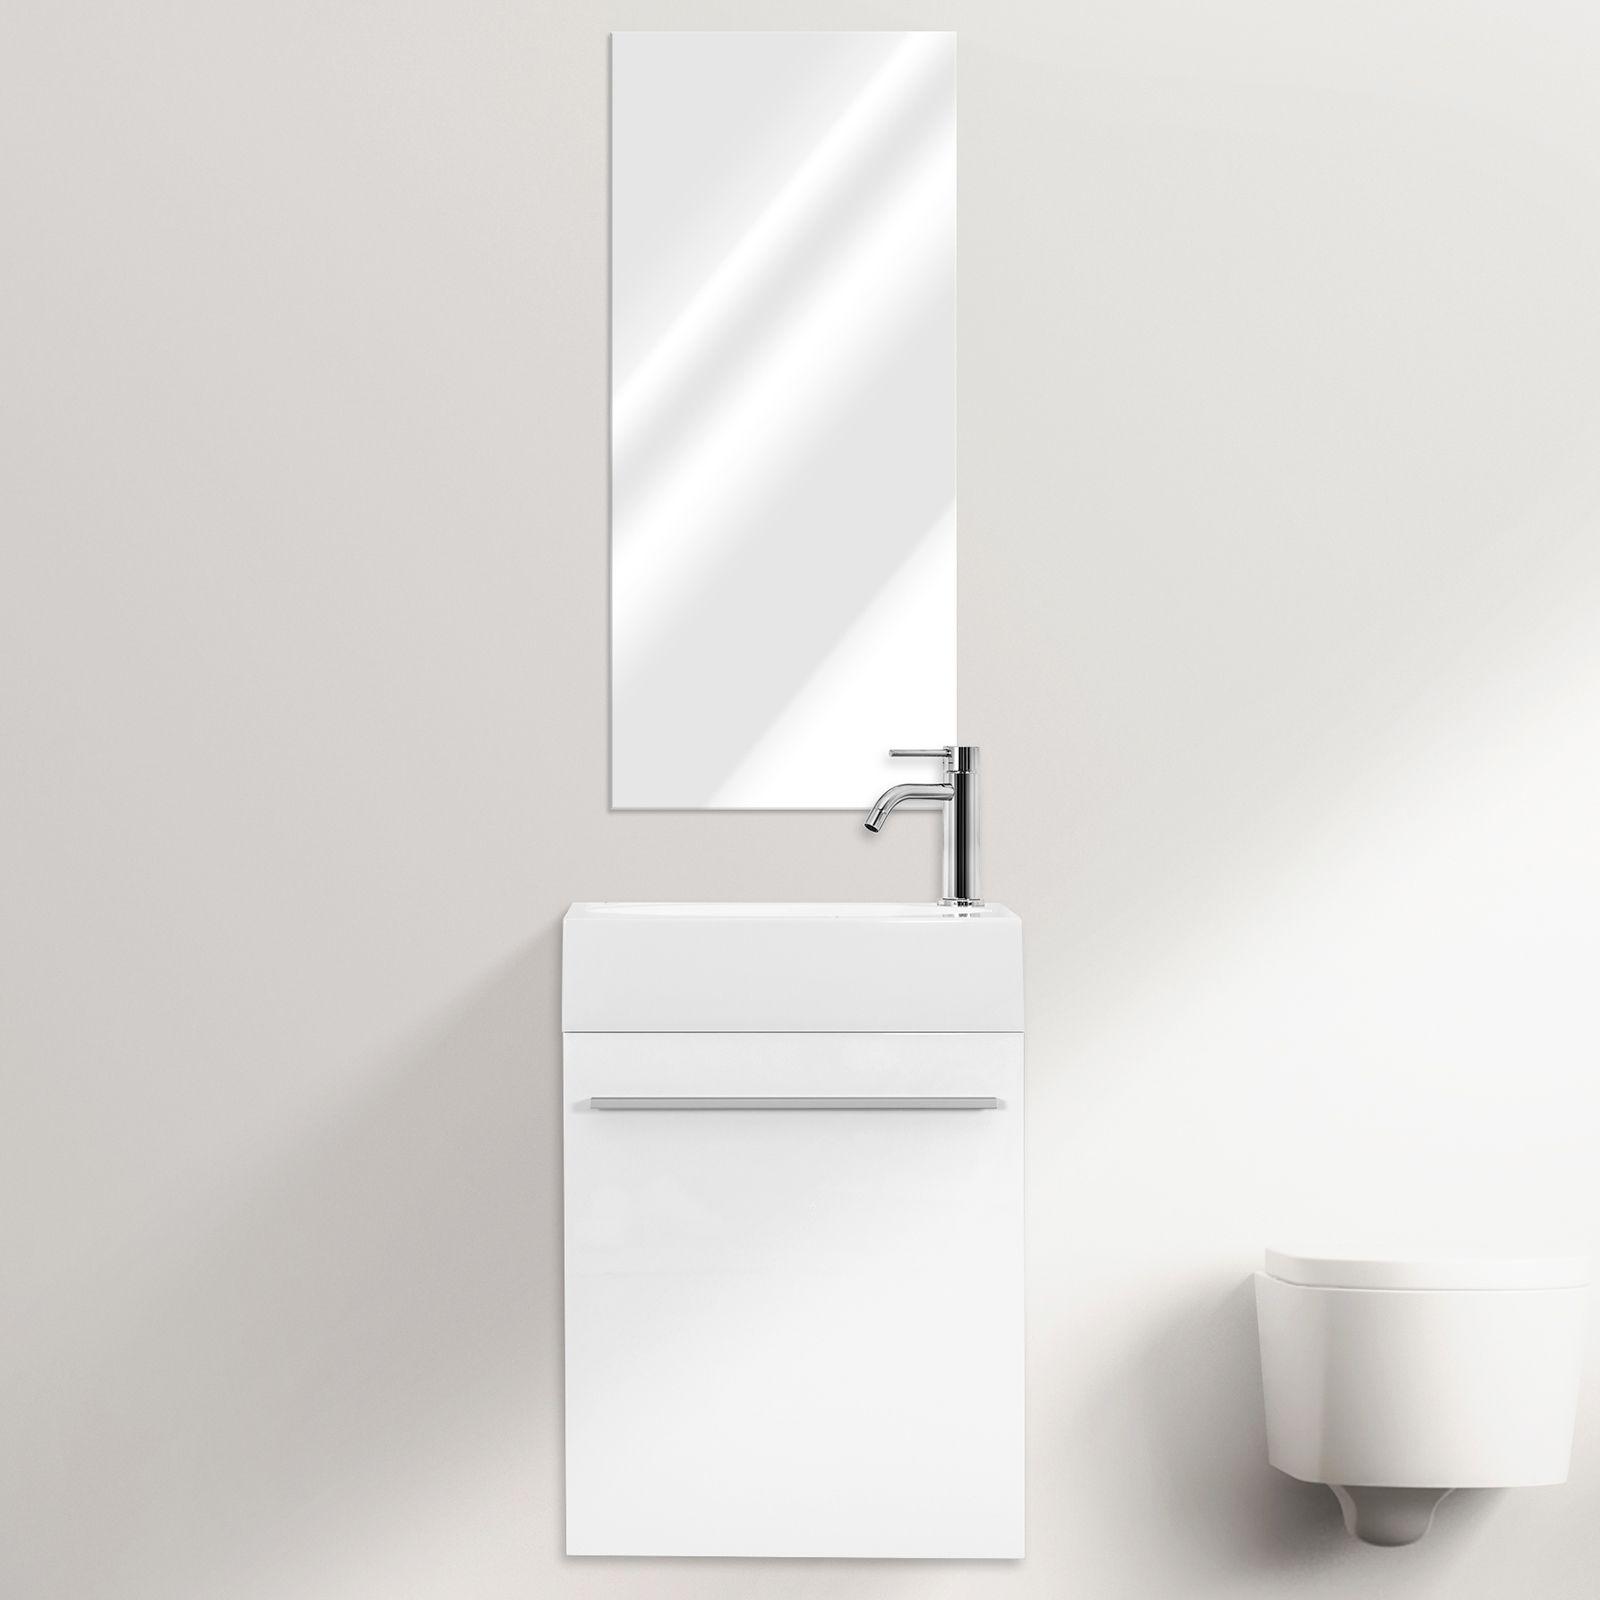 Mobile bagno sospeso karma cm 46 specchiera bianco grigio azzurro salvia marrone chiusura soft close - Mobile bianco bagno ...